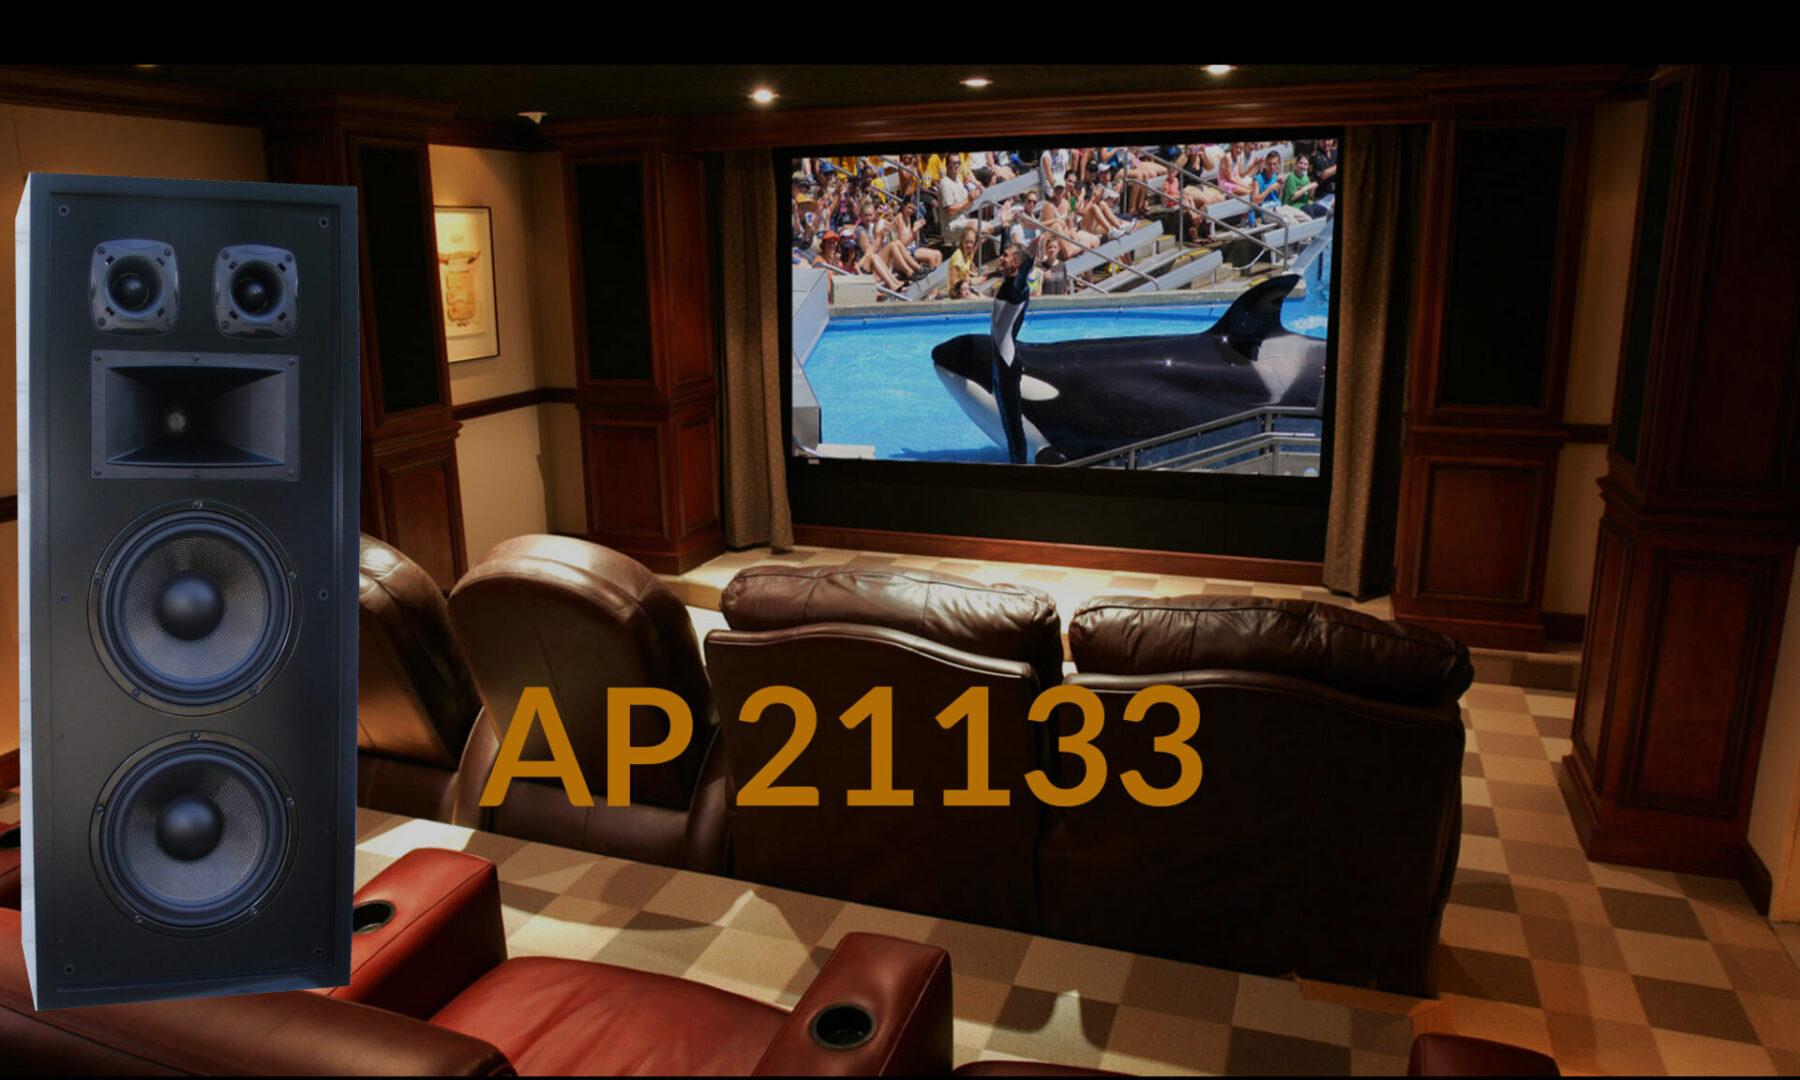 AP_21133_Full_size_header